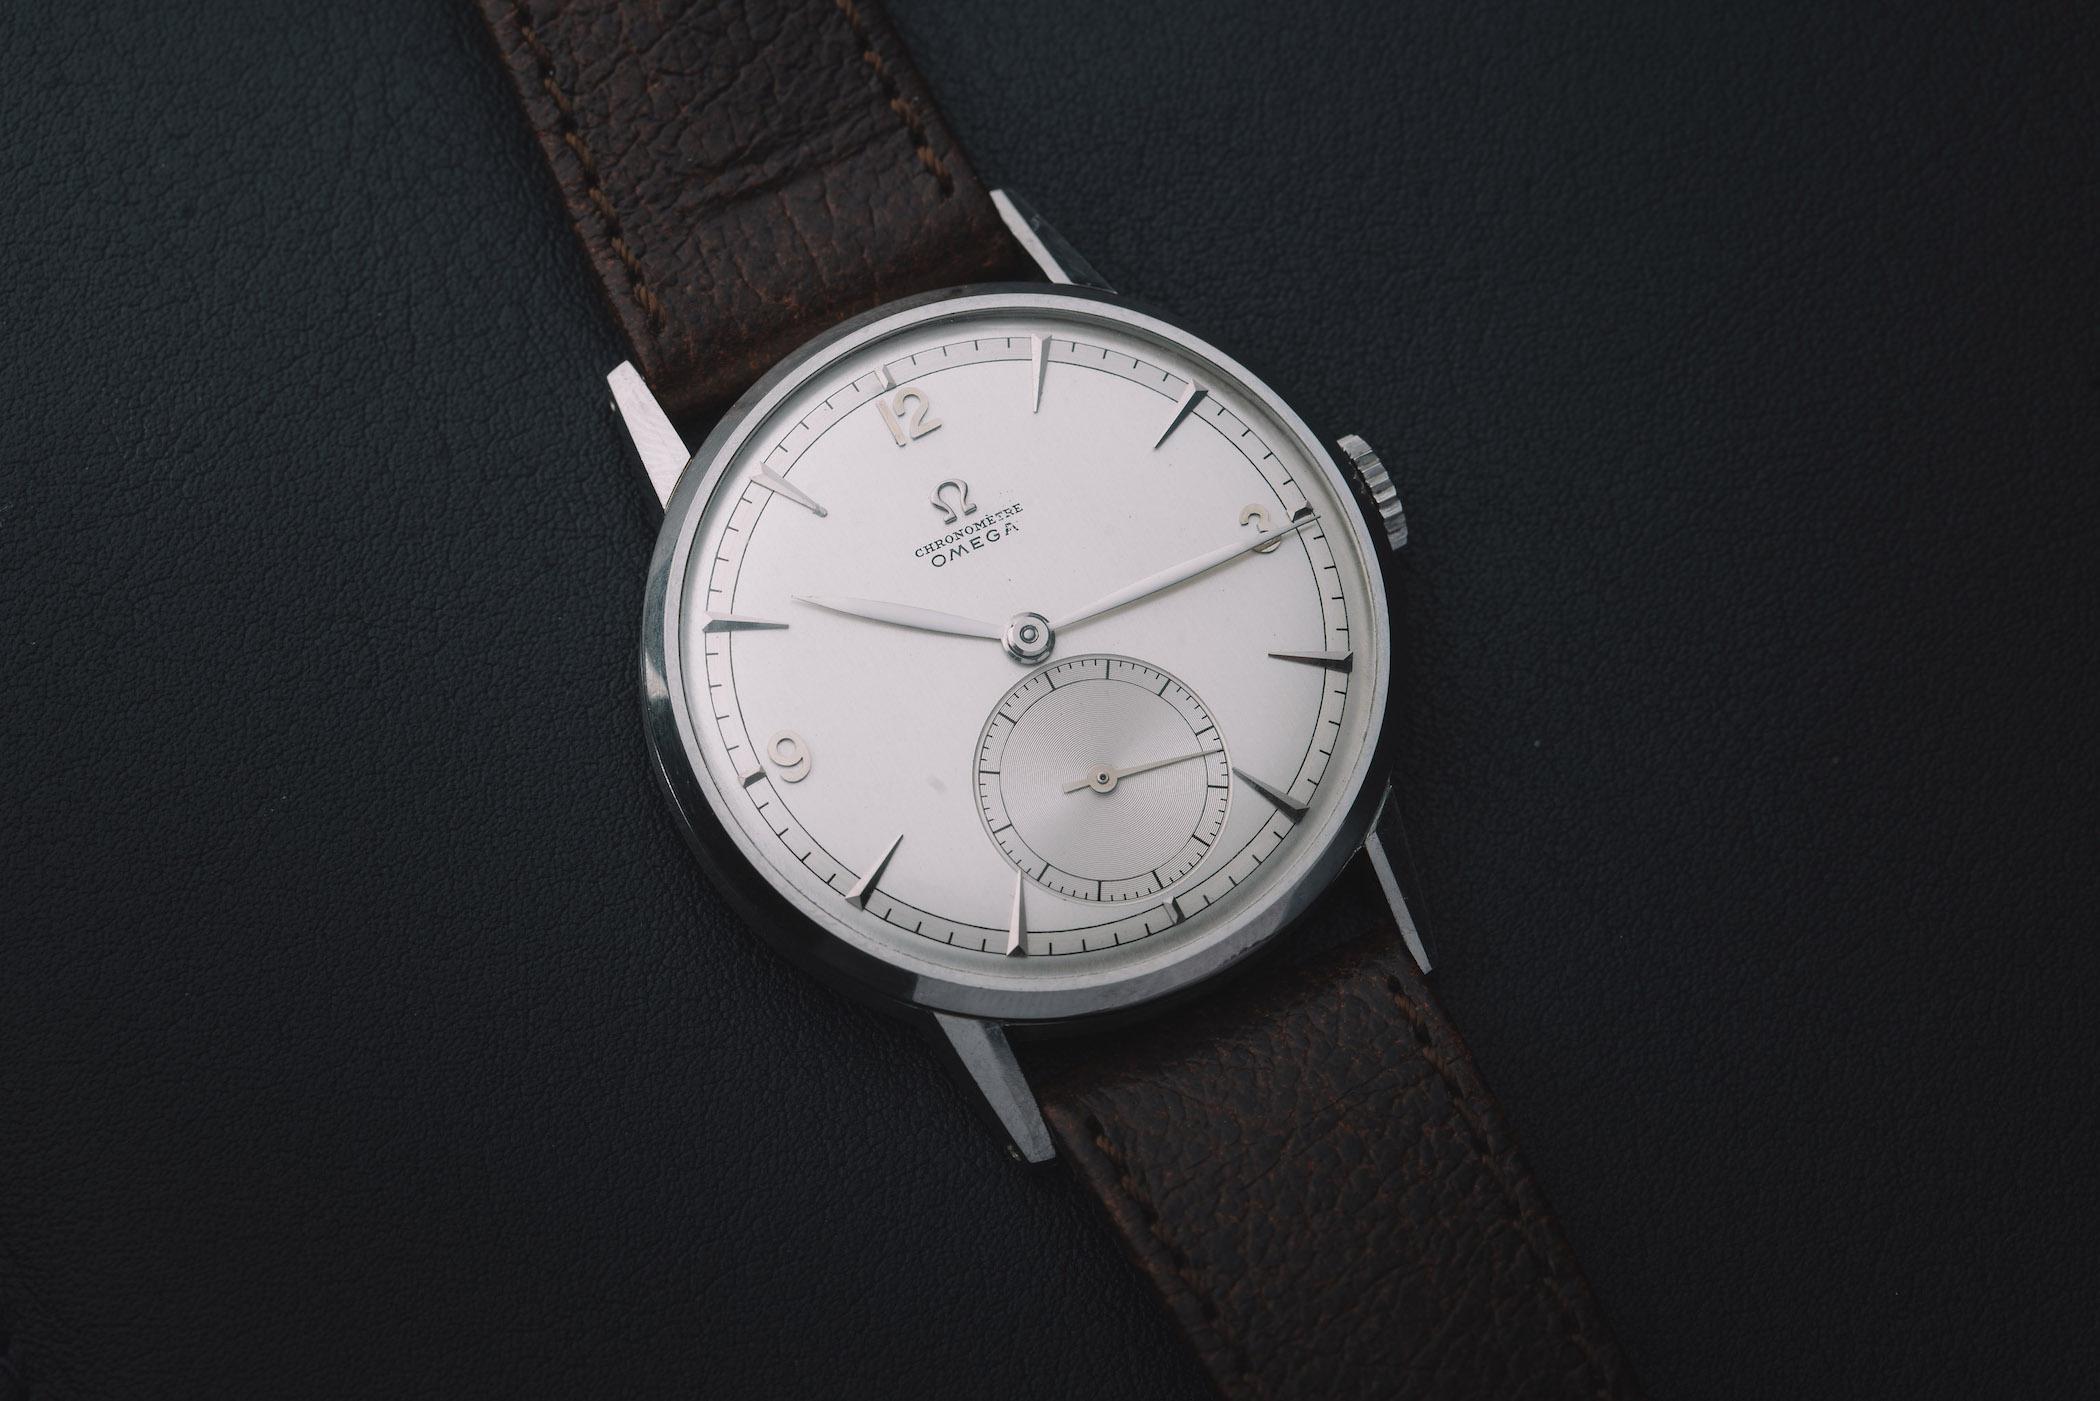 Quelles seront les marques horlogères à surveiller lors des prochaines ventes aux enchères?